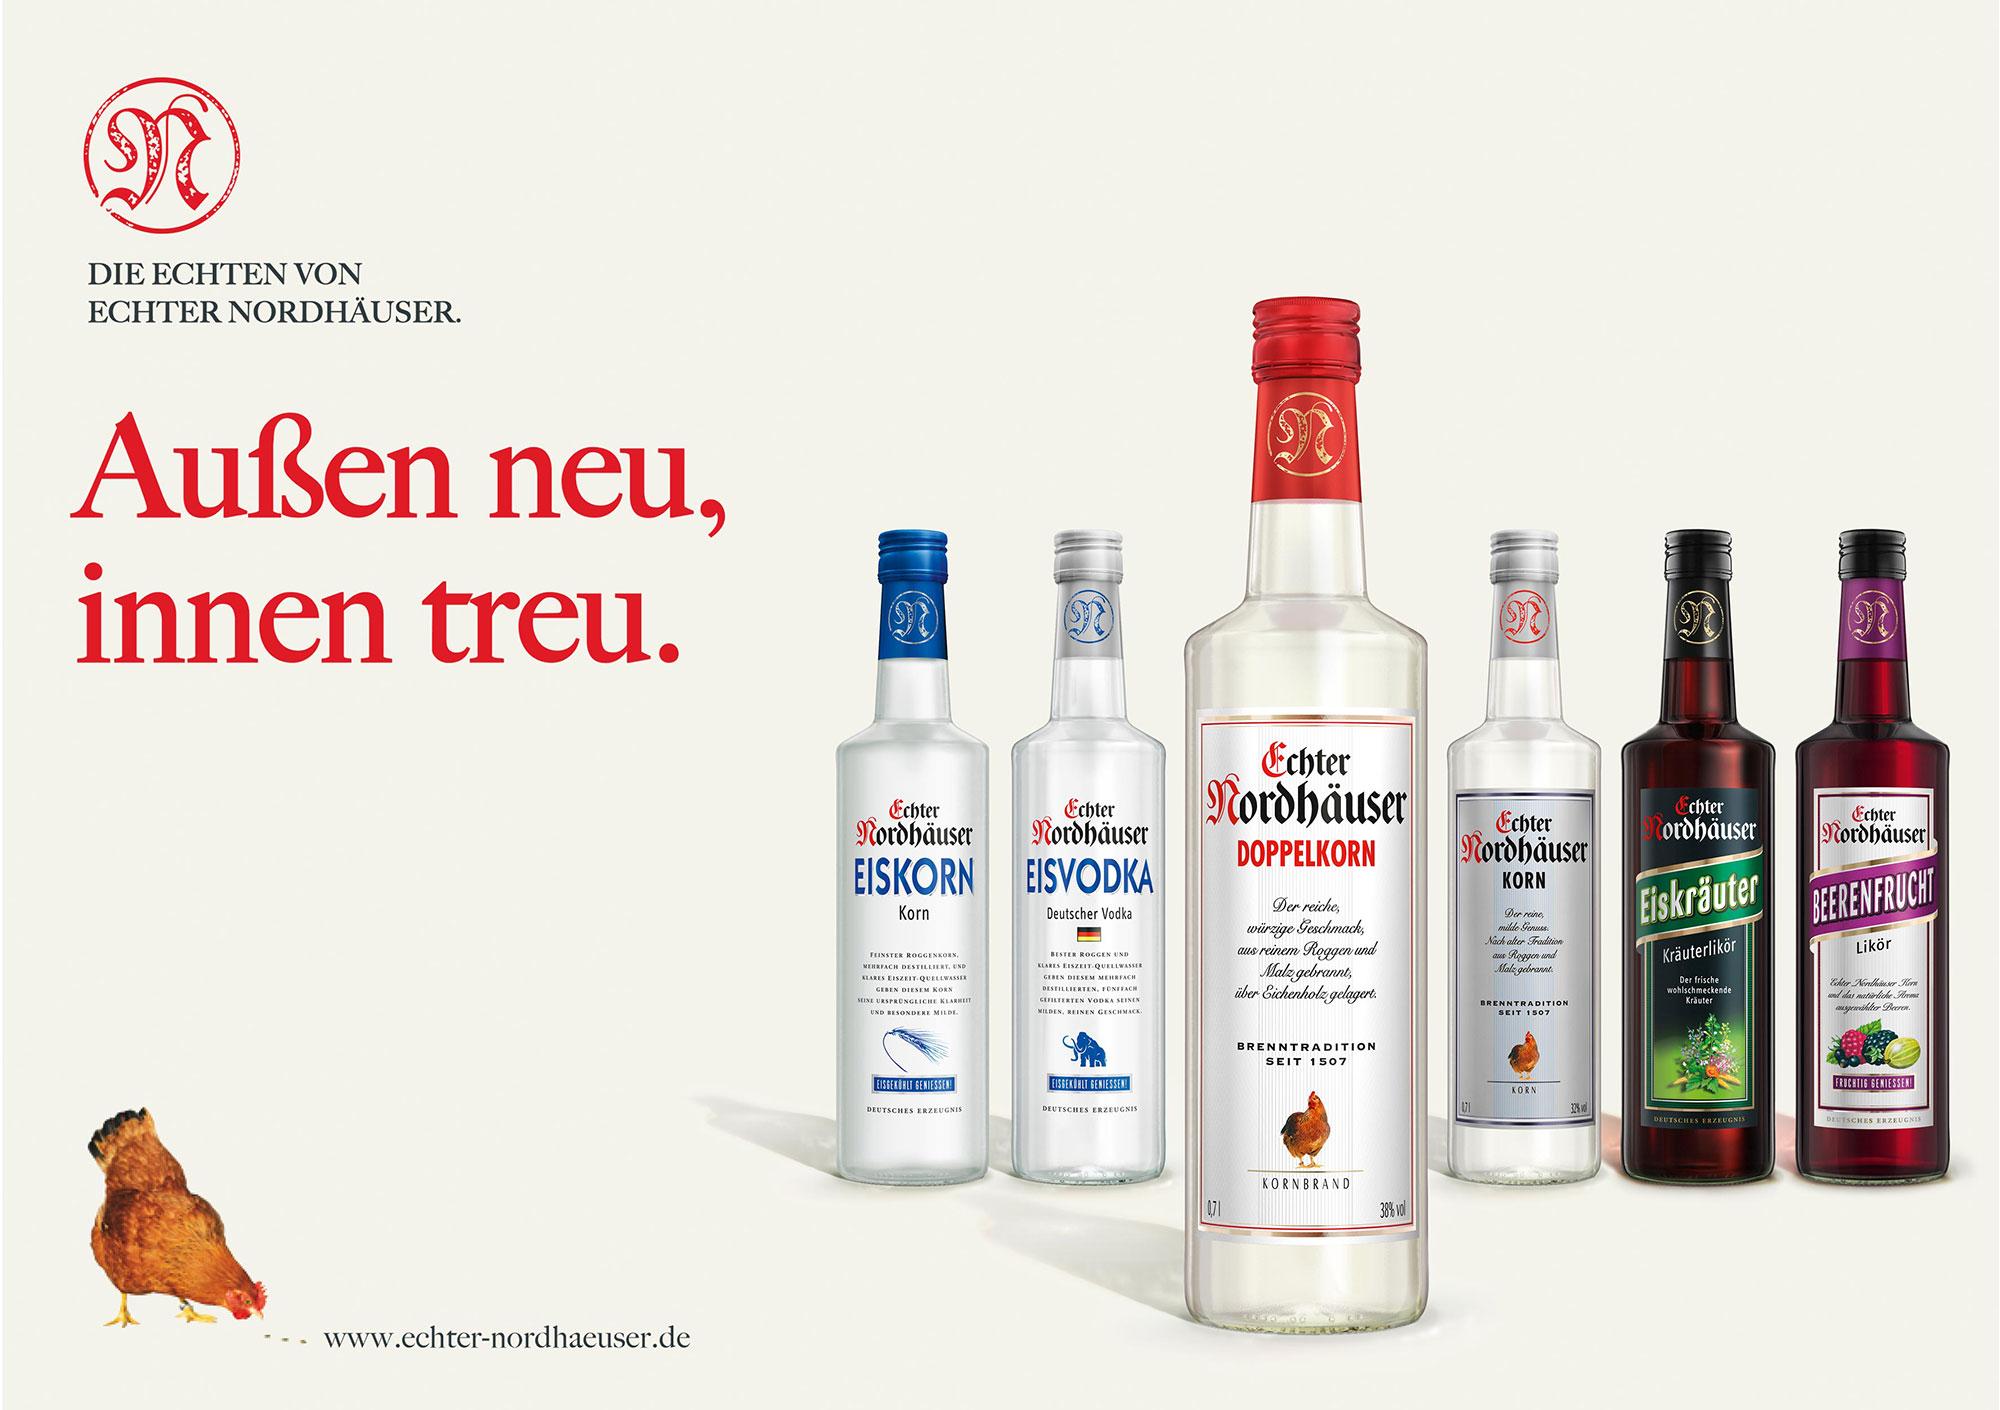 Advertising CGI Rendering 3d Echter Nordhäuser CGI Eiskorn Eiskräuter Doppelkorn Eisvodka Beerenfrucht Likör Flasche Liquid Getränke Alkohol Idris Kolodziej